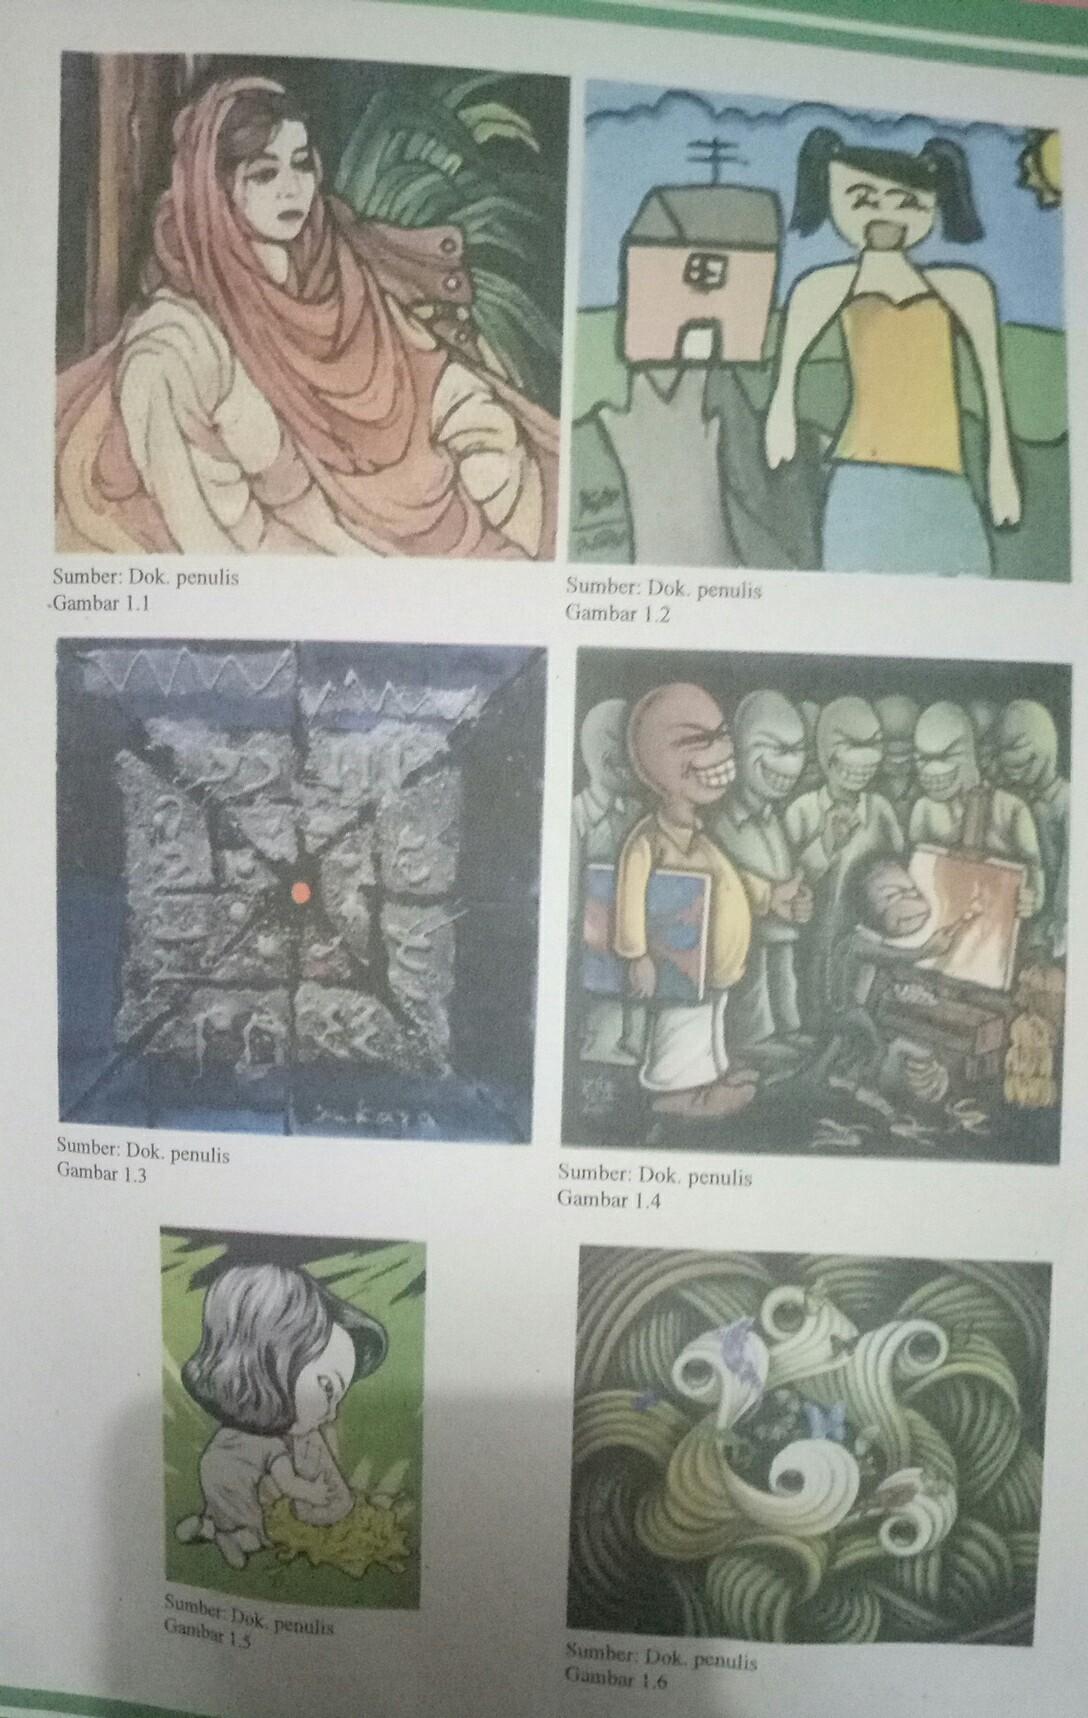 Teknik Karya Seni Rupa 2 Dimensi : teknik, karya, dimensi, Dapatkah, Mengidentifikasi, Bahan, Digunakan, Karya, Tersebut?2), Brainly.co.id